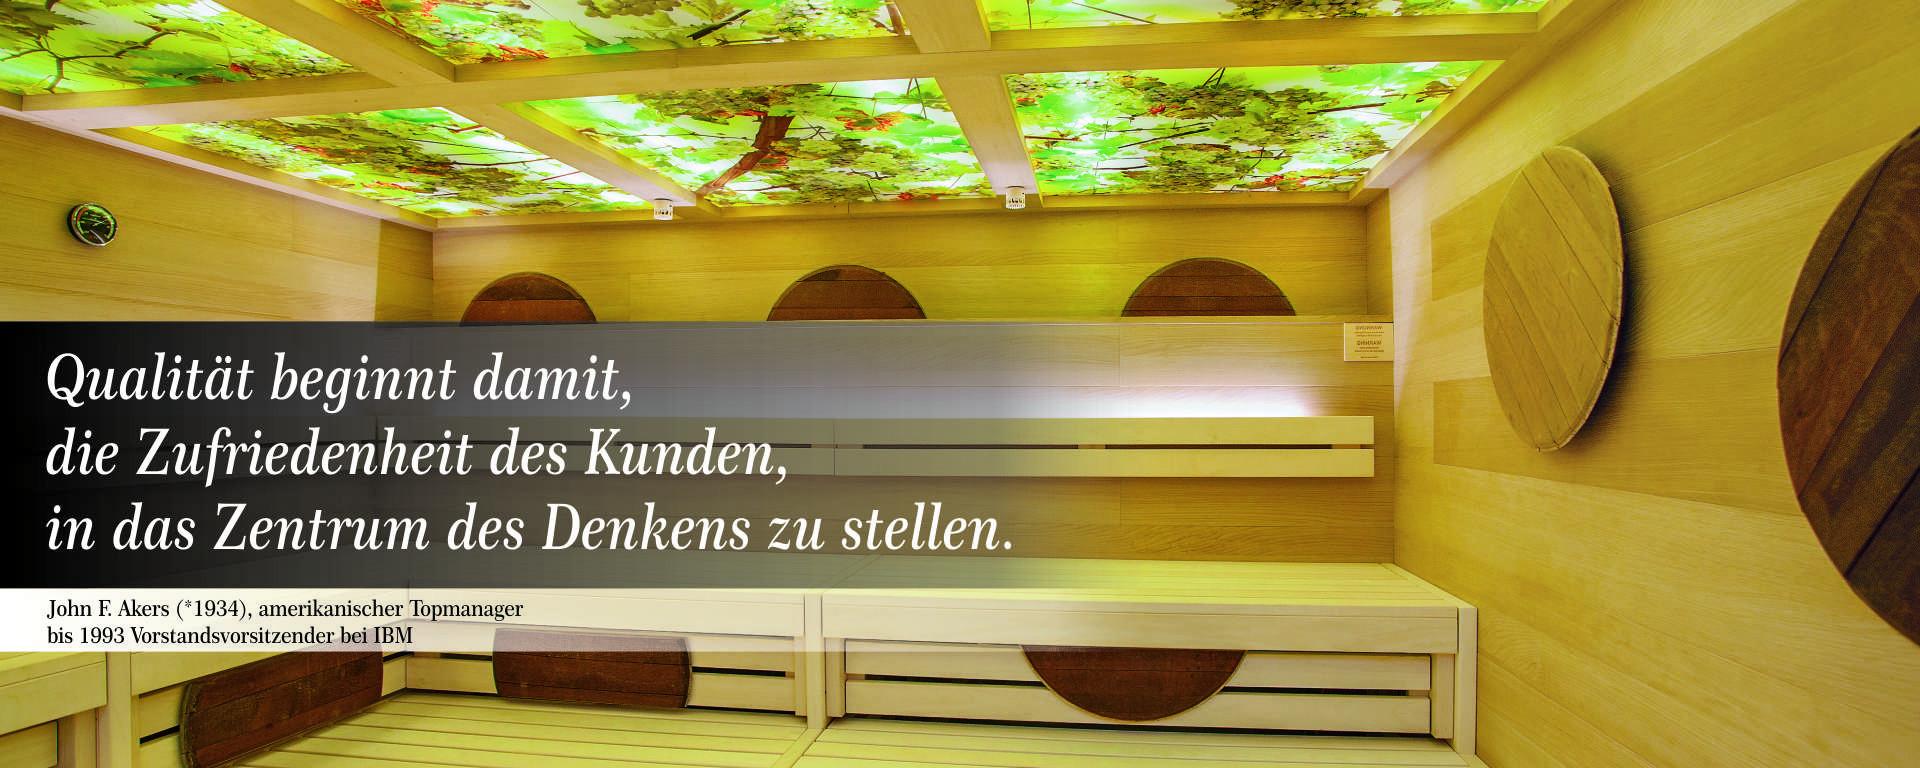 Sauna, Saunabau, Saunarenovierung, Saunahersteller, 80333 München, 82396 Pähl, 82024 Taufkirchen, 83533 Edling, Homesauna, Heimsauna, Außensauna, Kindersauna, Seniorensauna, Saunawartung, Dampfbadwartung, Jacuzzi, Saunalandschaft, Saunaclub, Wellnesshotel, Saunazubehör, Saunaduft, Saunatür, Saunasteine, entspannung, erholung, saunieren, Sauna kaufen, Therme, Fasssauna, Salzgrotte, Solarium, Whirlpool, Hot tub, Infrarotsauna, Solebad, Saunalux, KWS, Therme Erding,